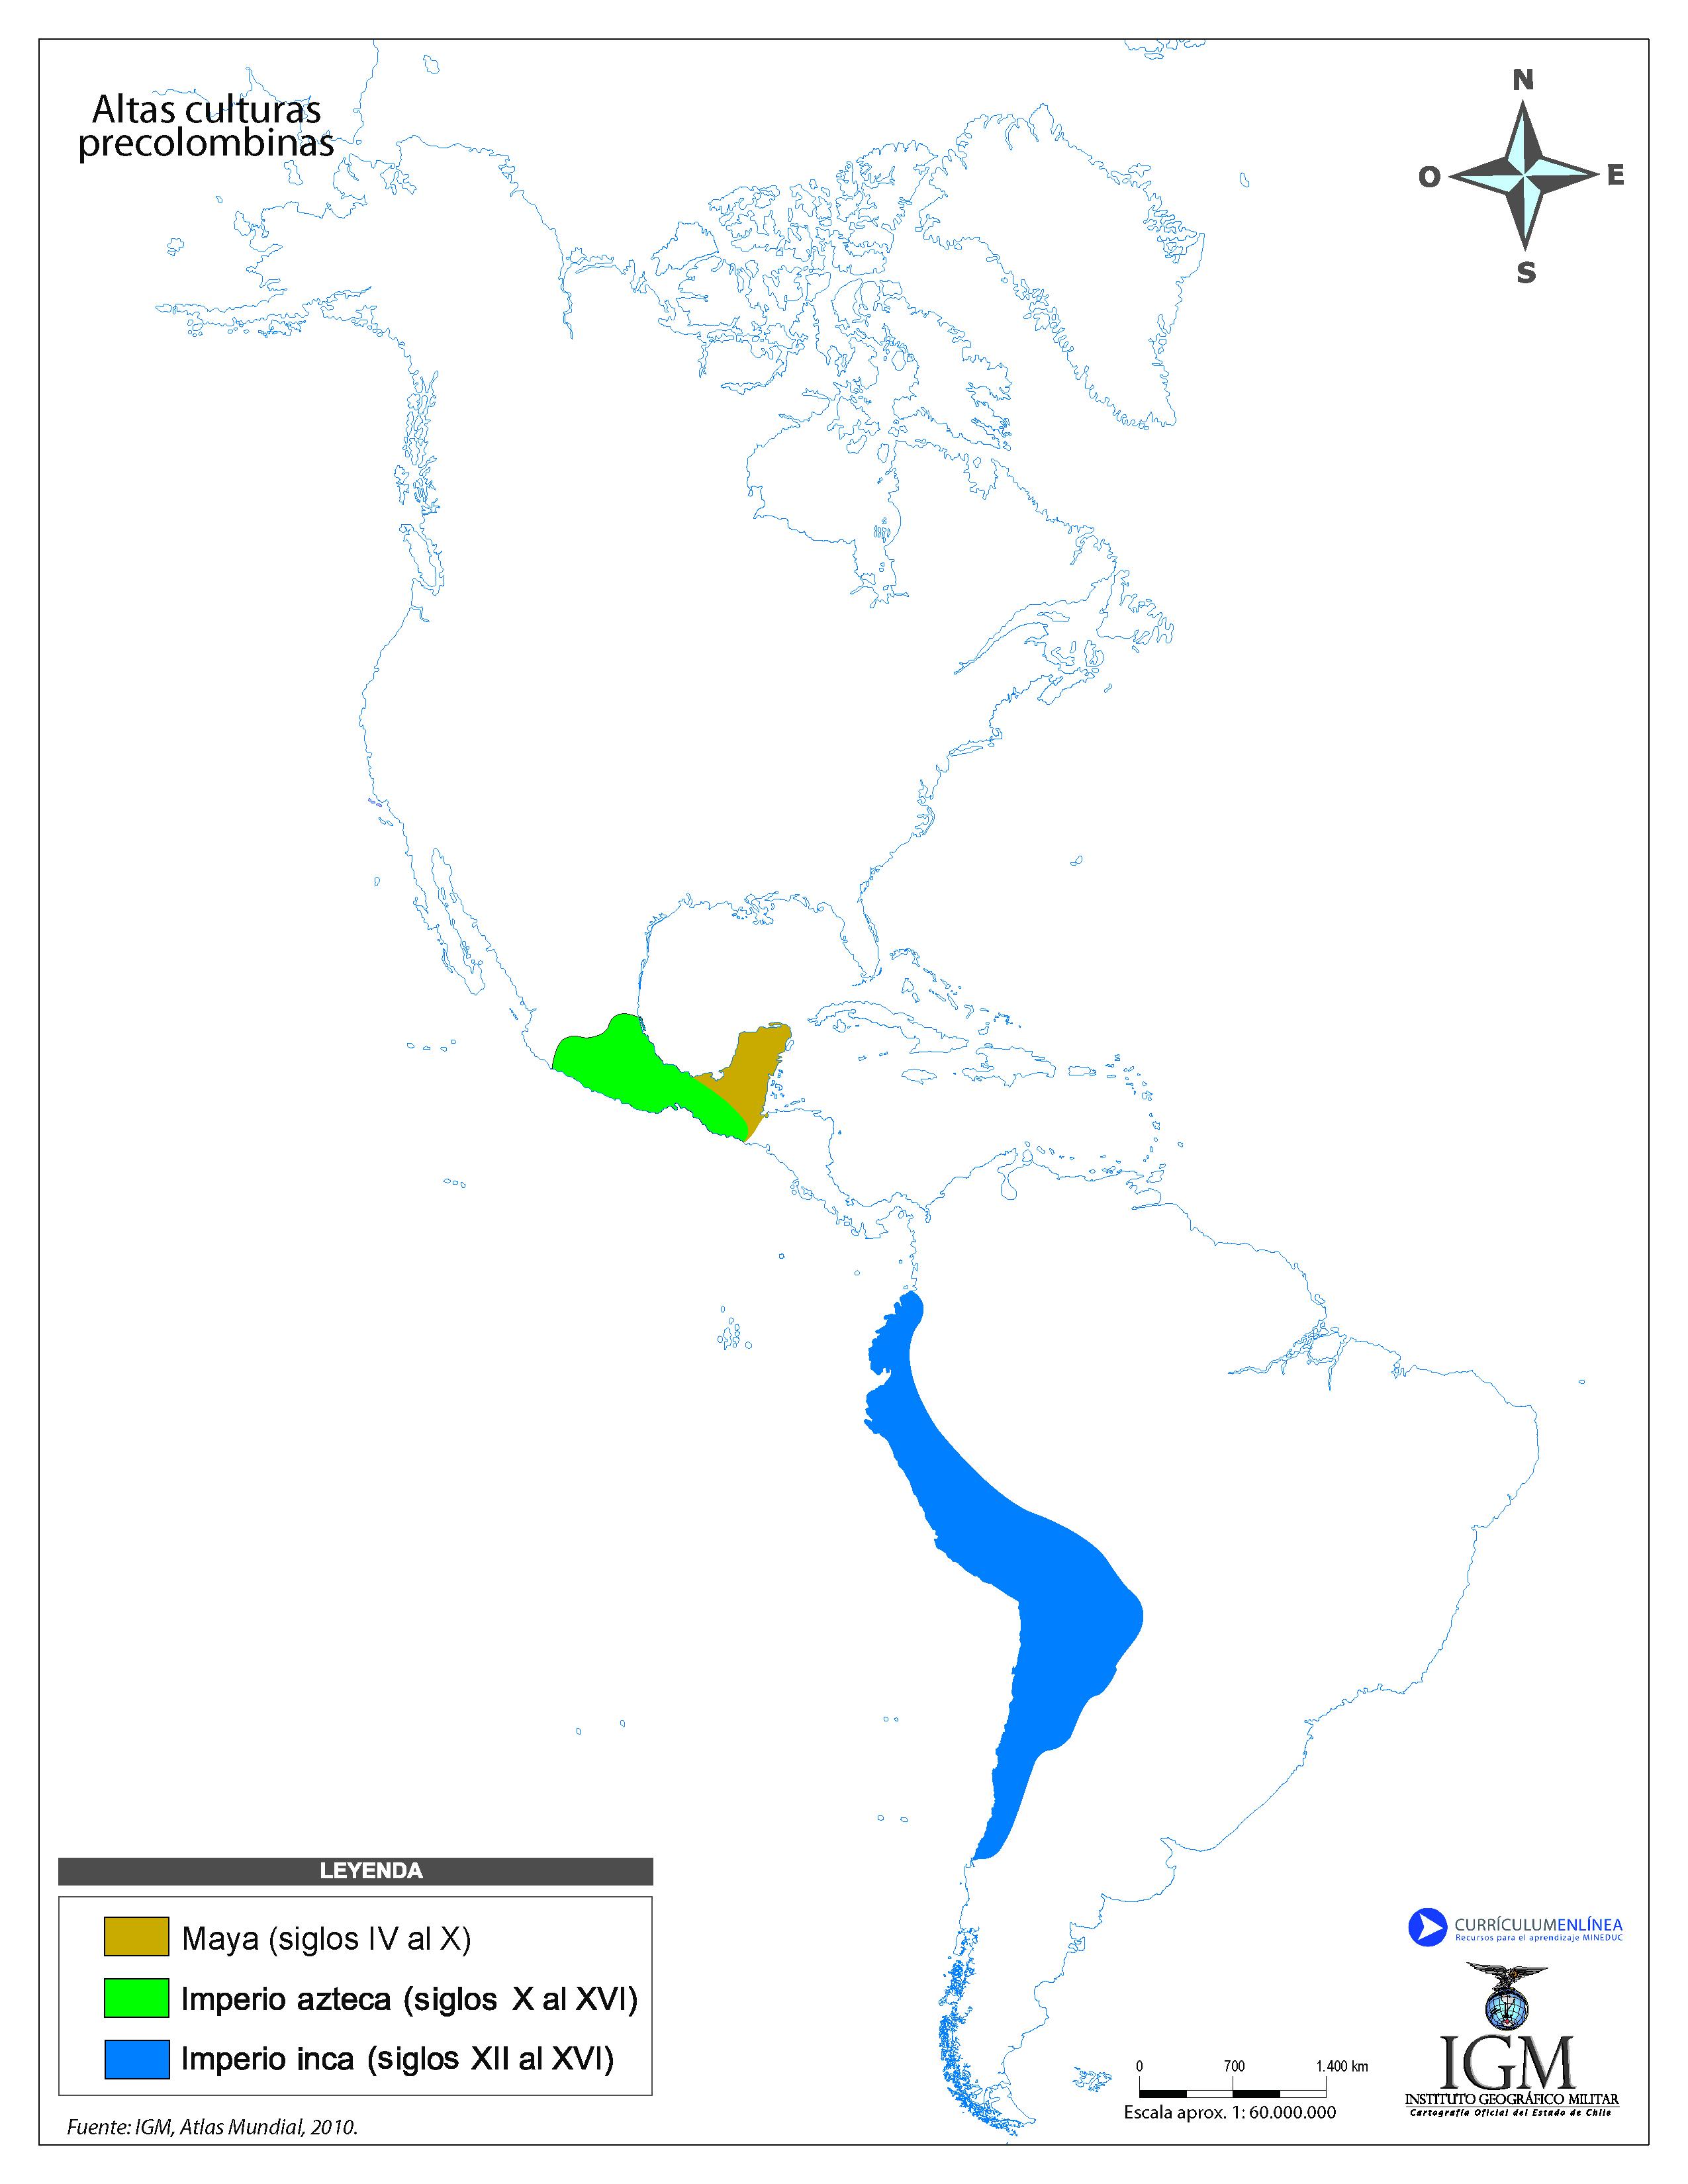 aztecas - Currículum en línea. MINEDUC. Gobierno de Chile.